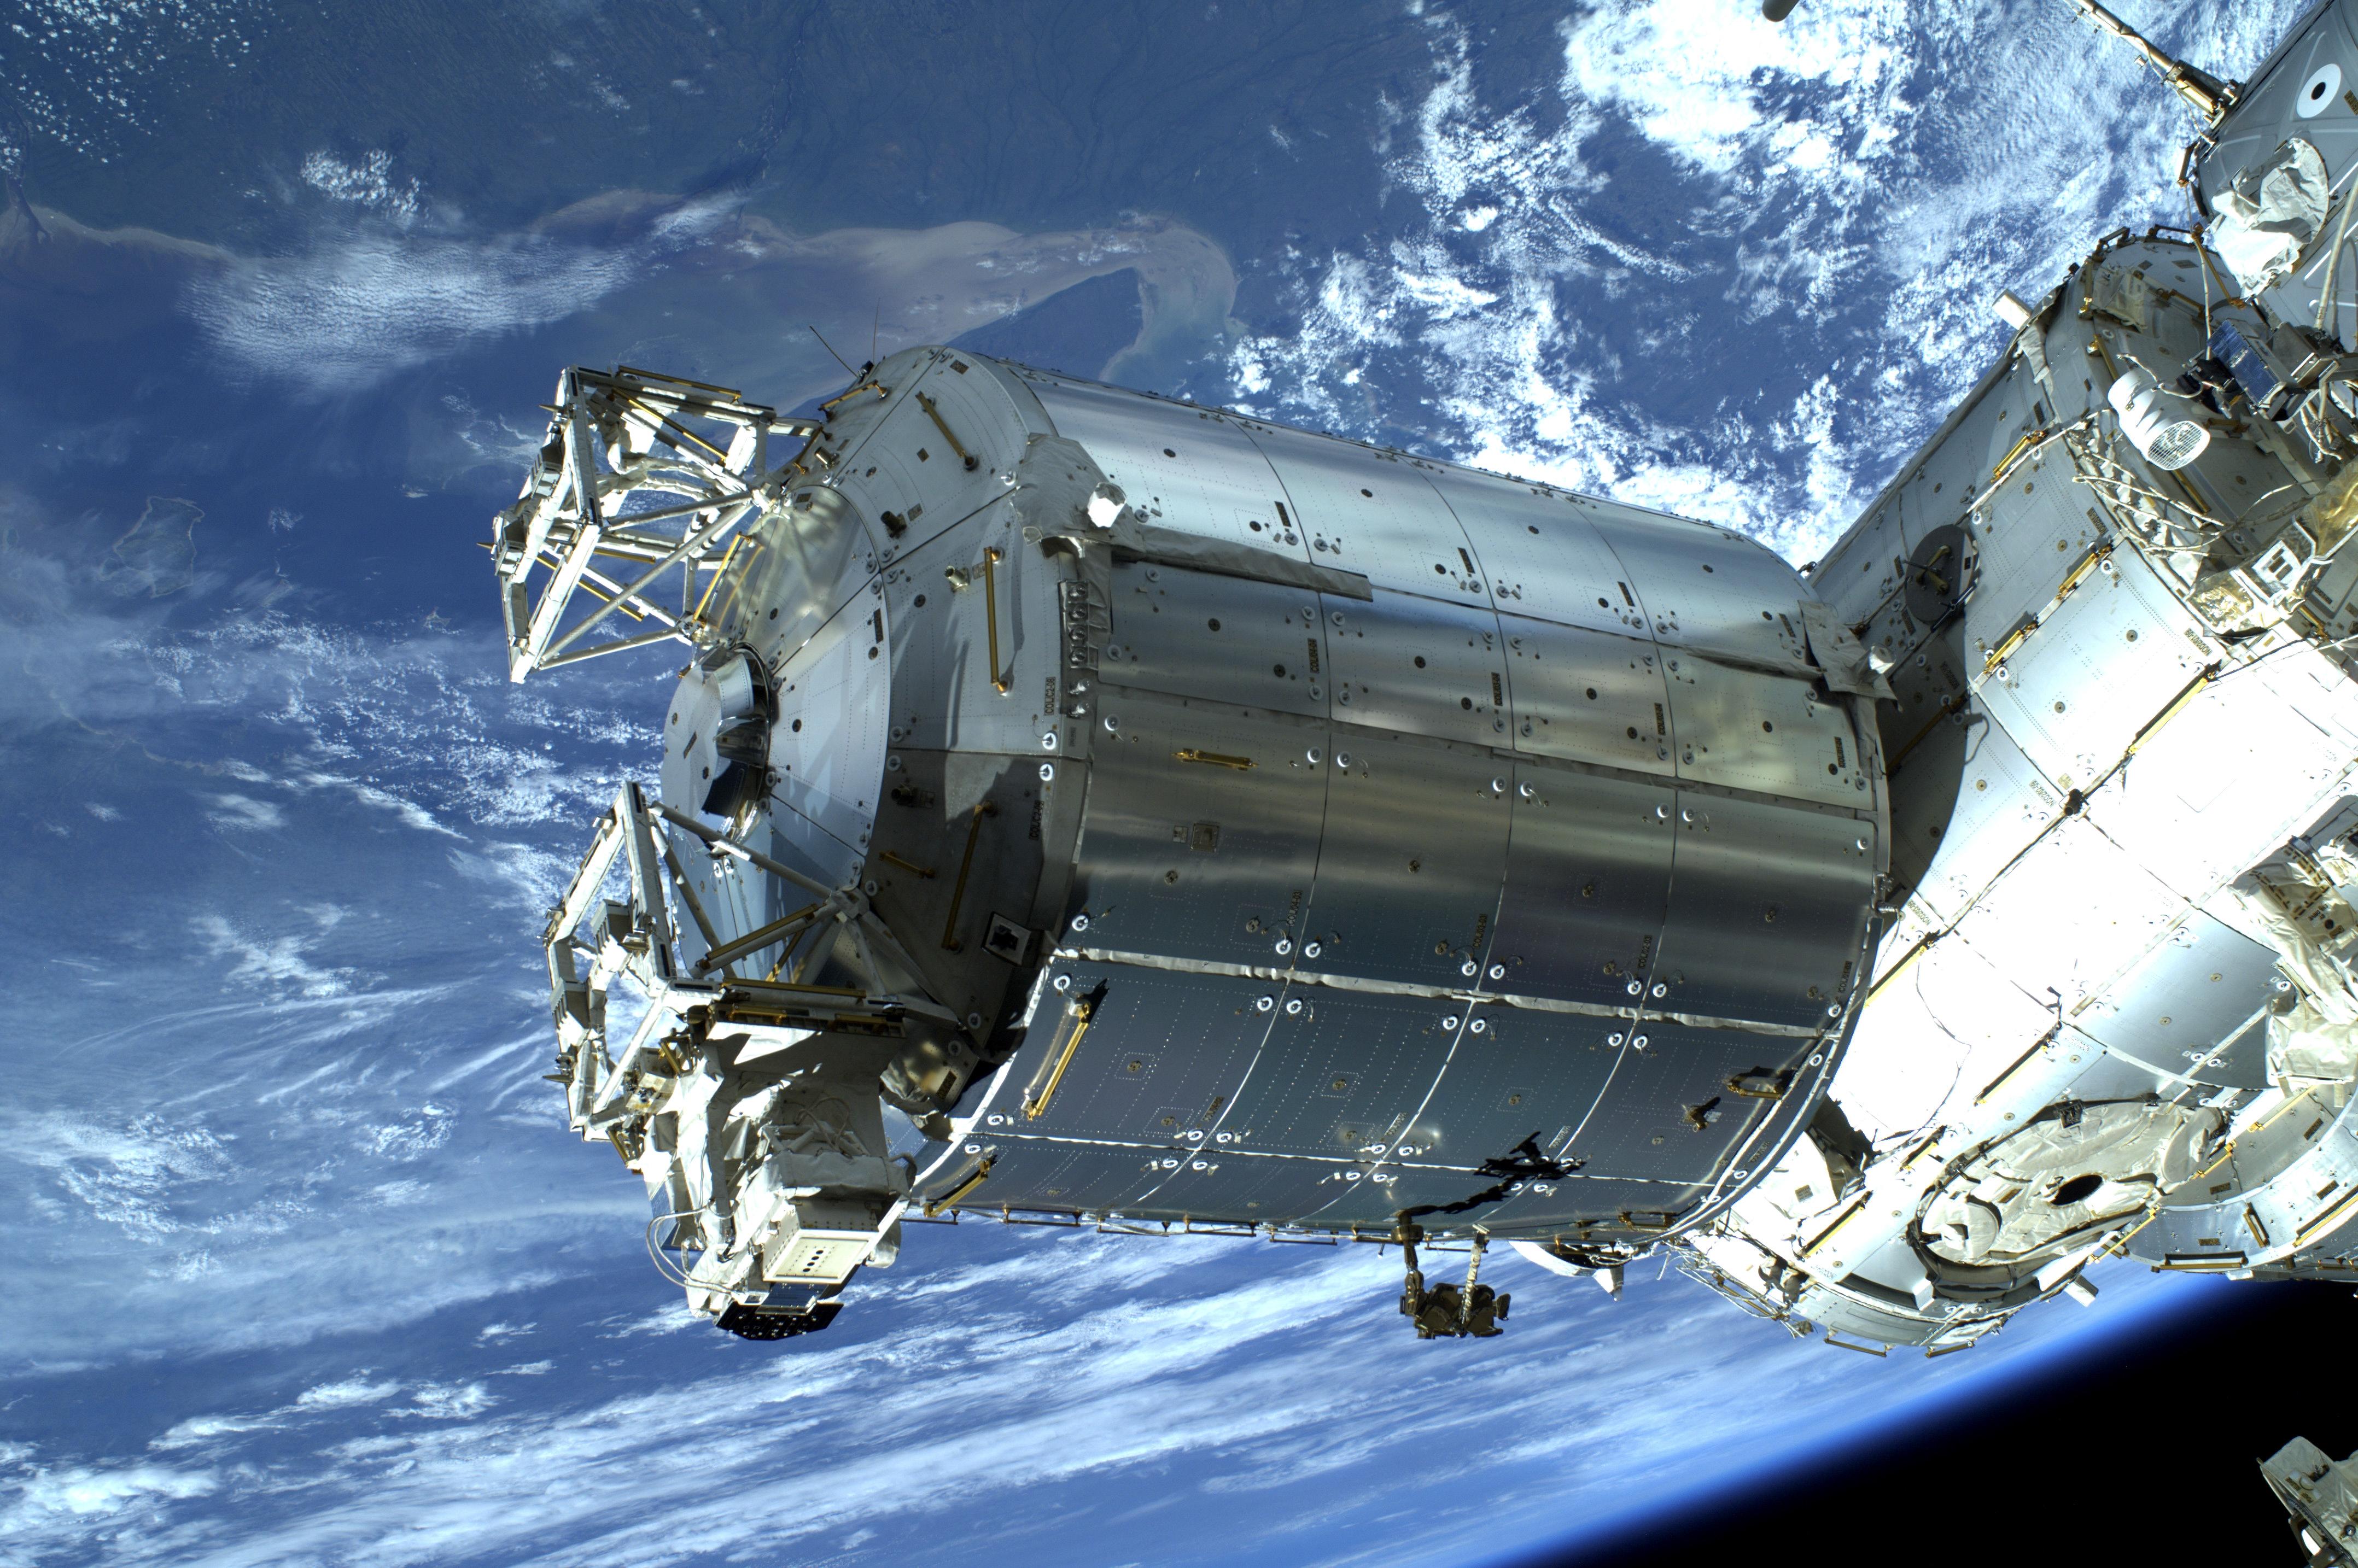 Columbus, det europeiske laboratoriet på den internasjonale romstasjonen, i juli 2013. Foto: ESA/NASA